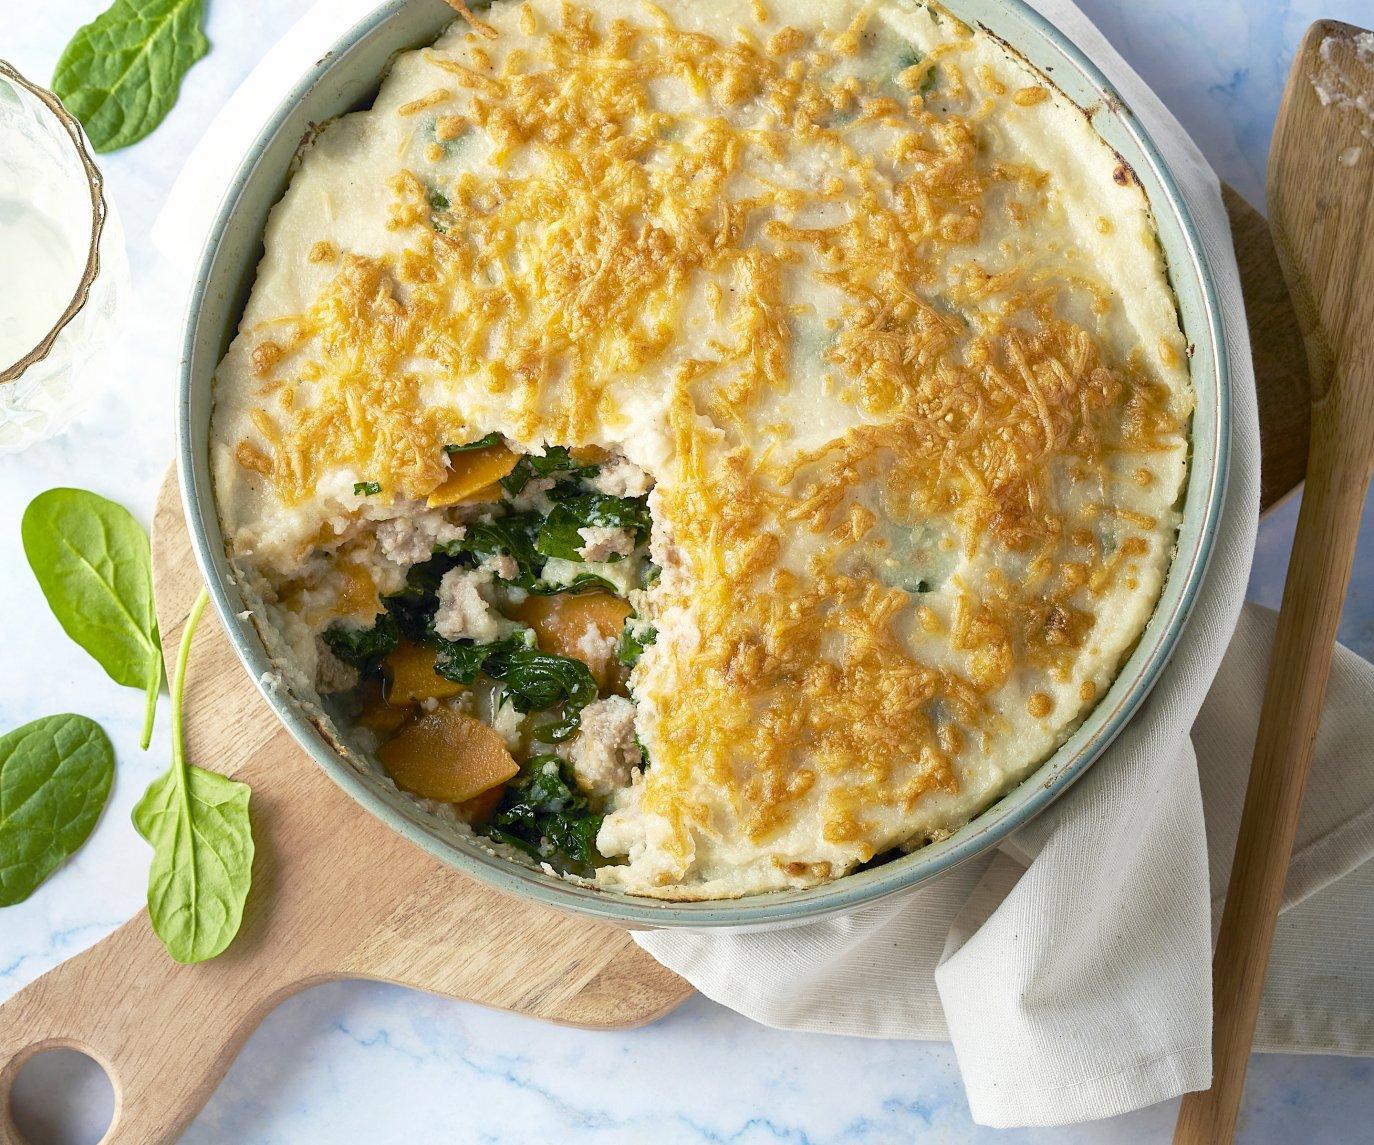 Zoete aardappellasagne met gehakt, spinazie en bloemkoolsaus